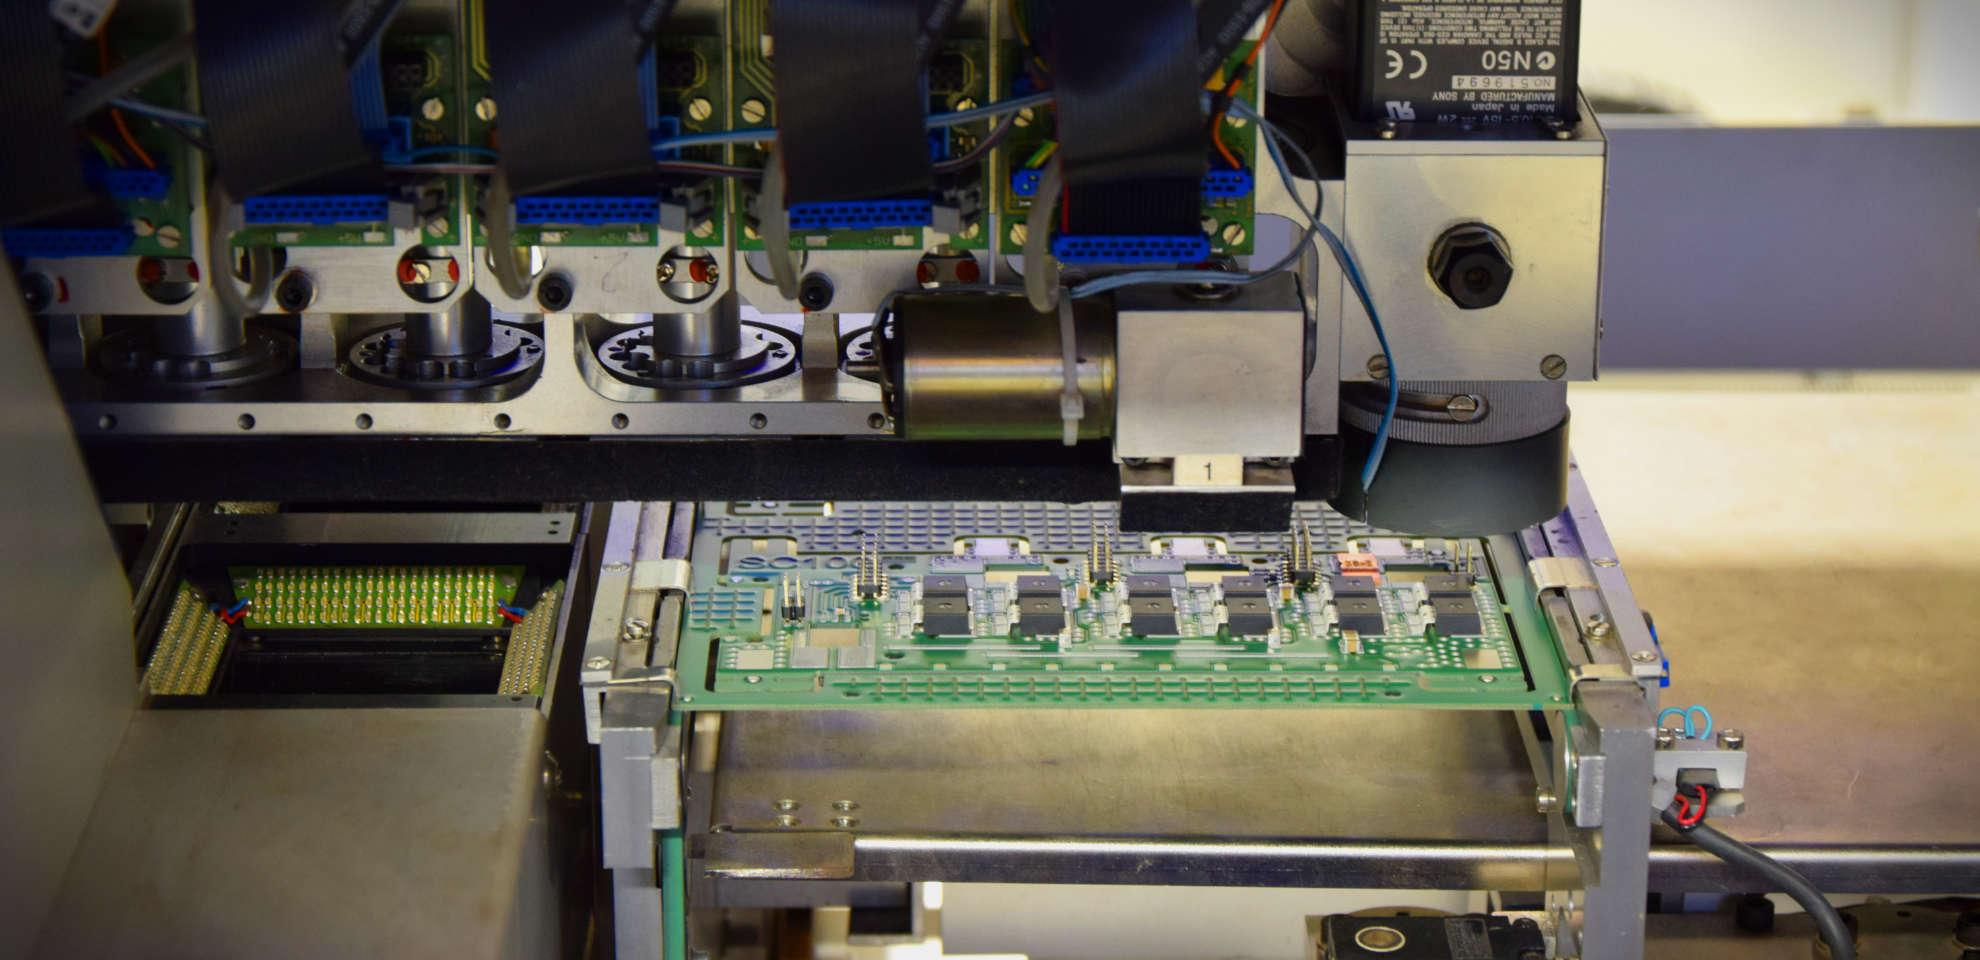 Die Herstellung von SMD-Leiterplatten durch den Einsatz der Mimot-Maschine